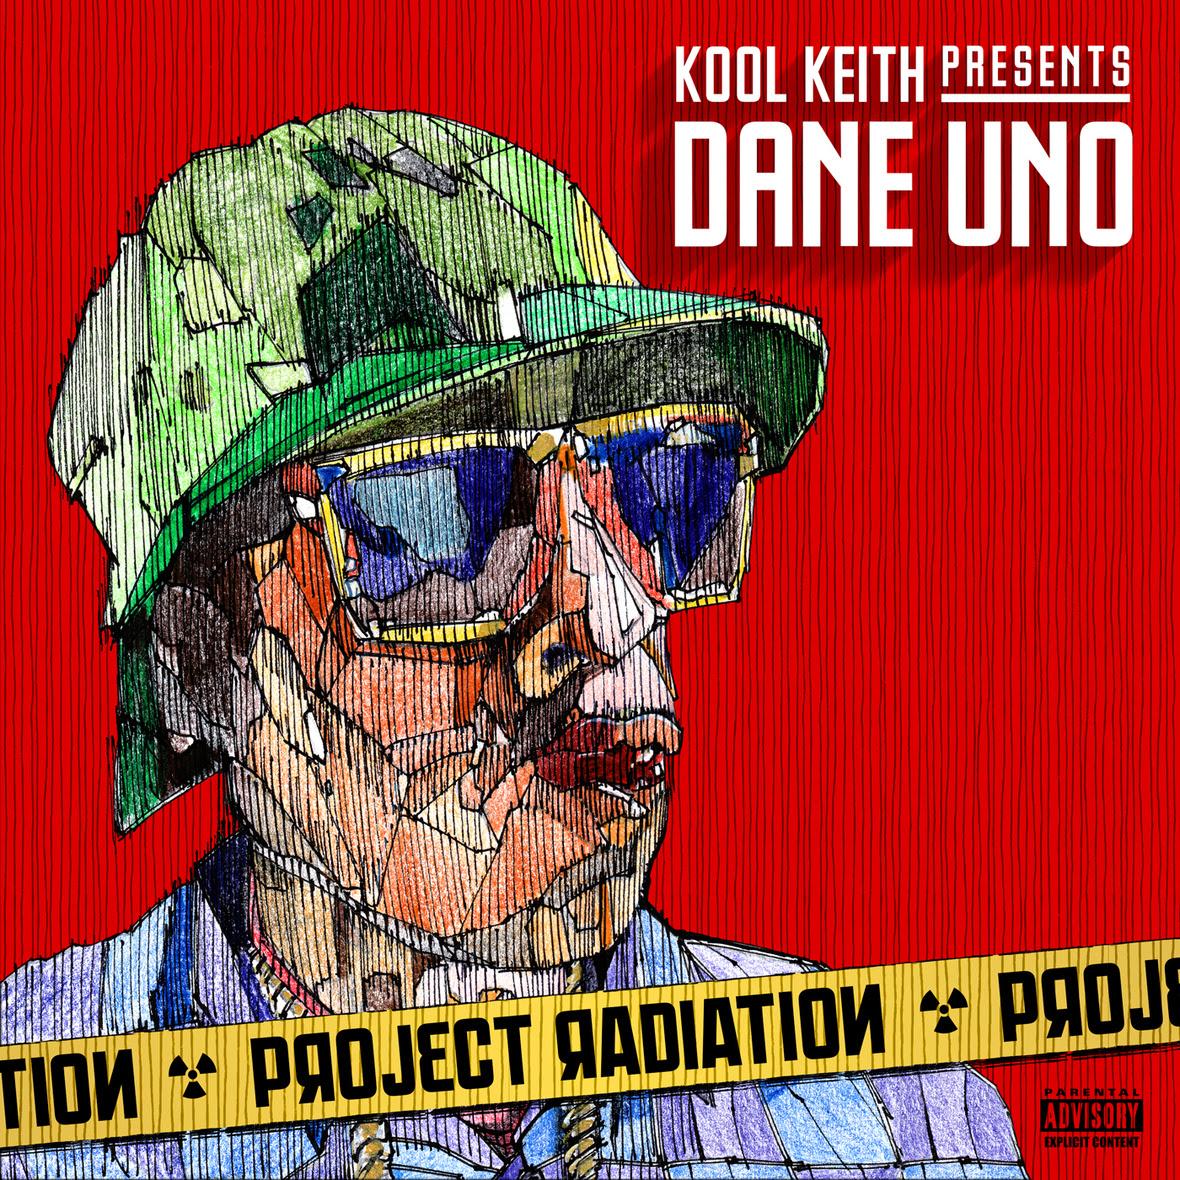 Kool Keith Dane Uno 2016